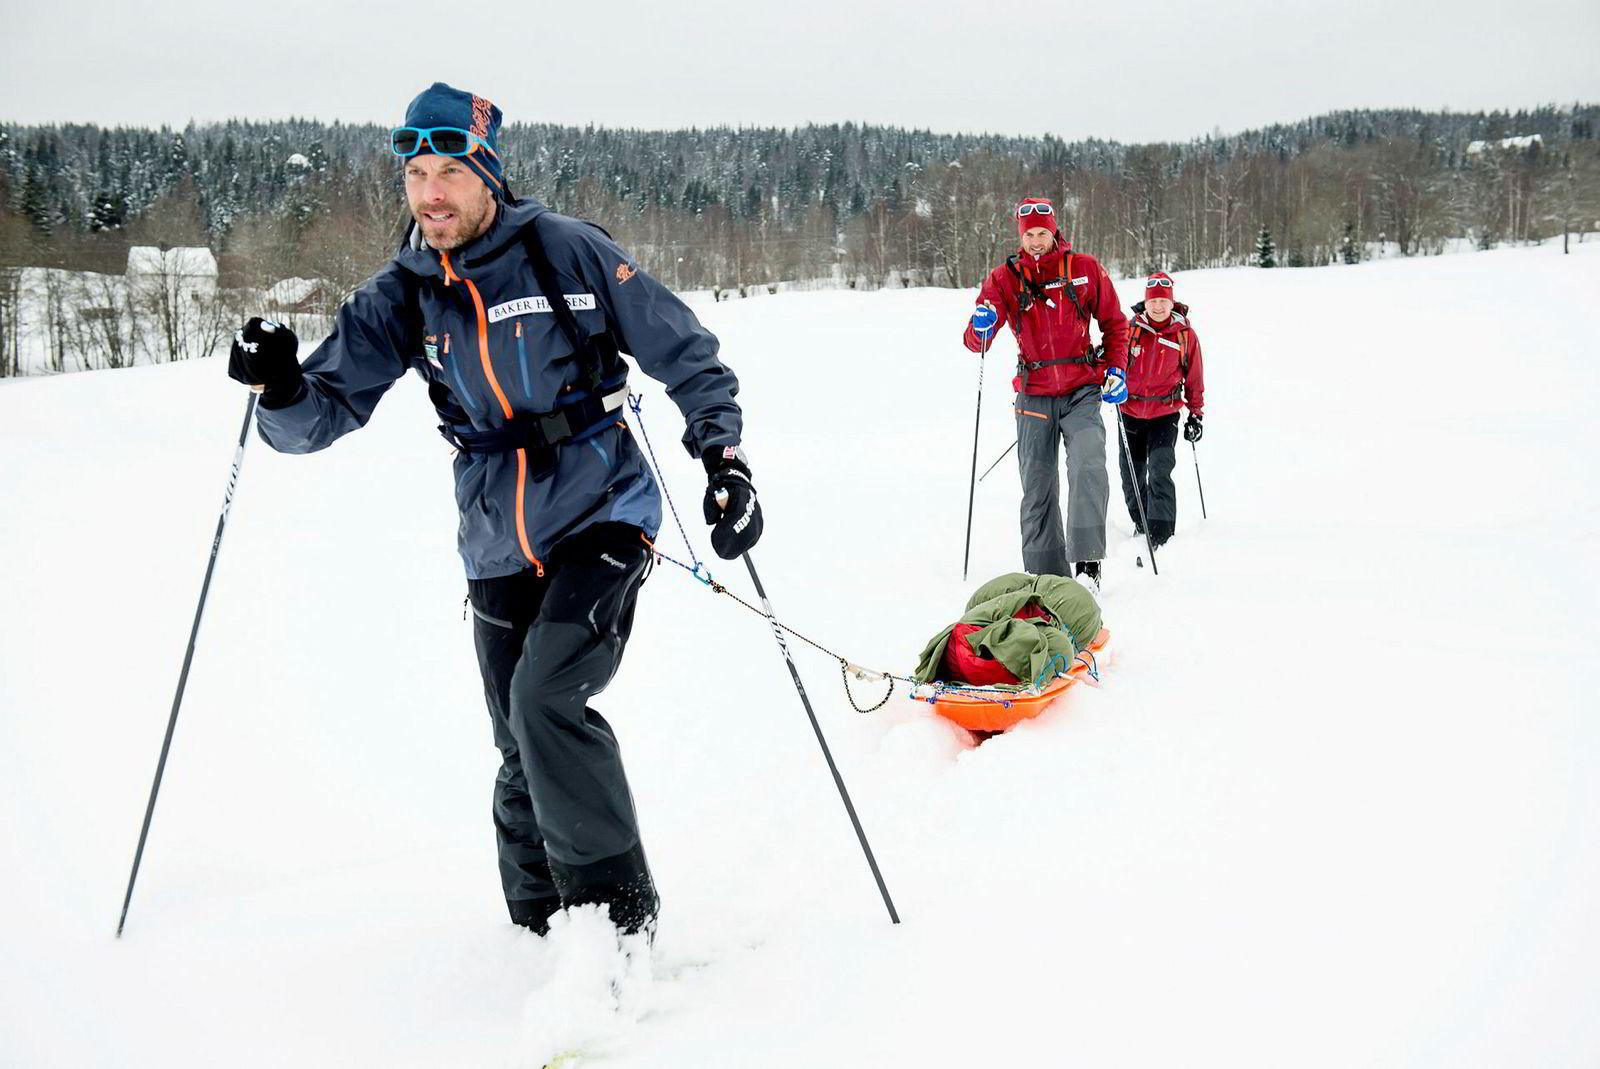 For å ta rekorden over Grønland må man få godt føre og godt vær. Det opplever de færreste hele veien. Føret i Lommedalen denne dagen er alt annet enn rekordføre.